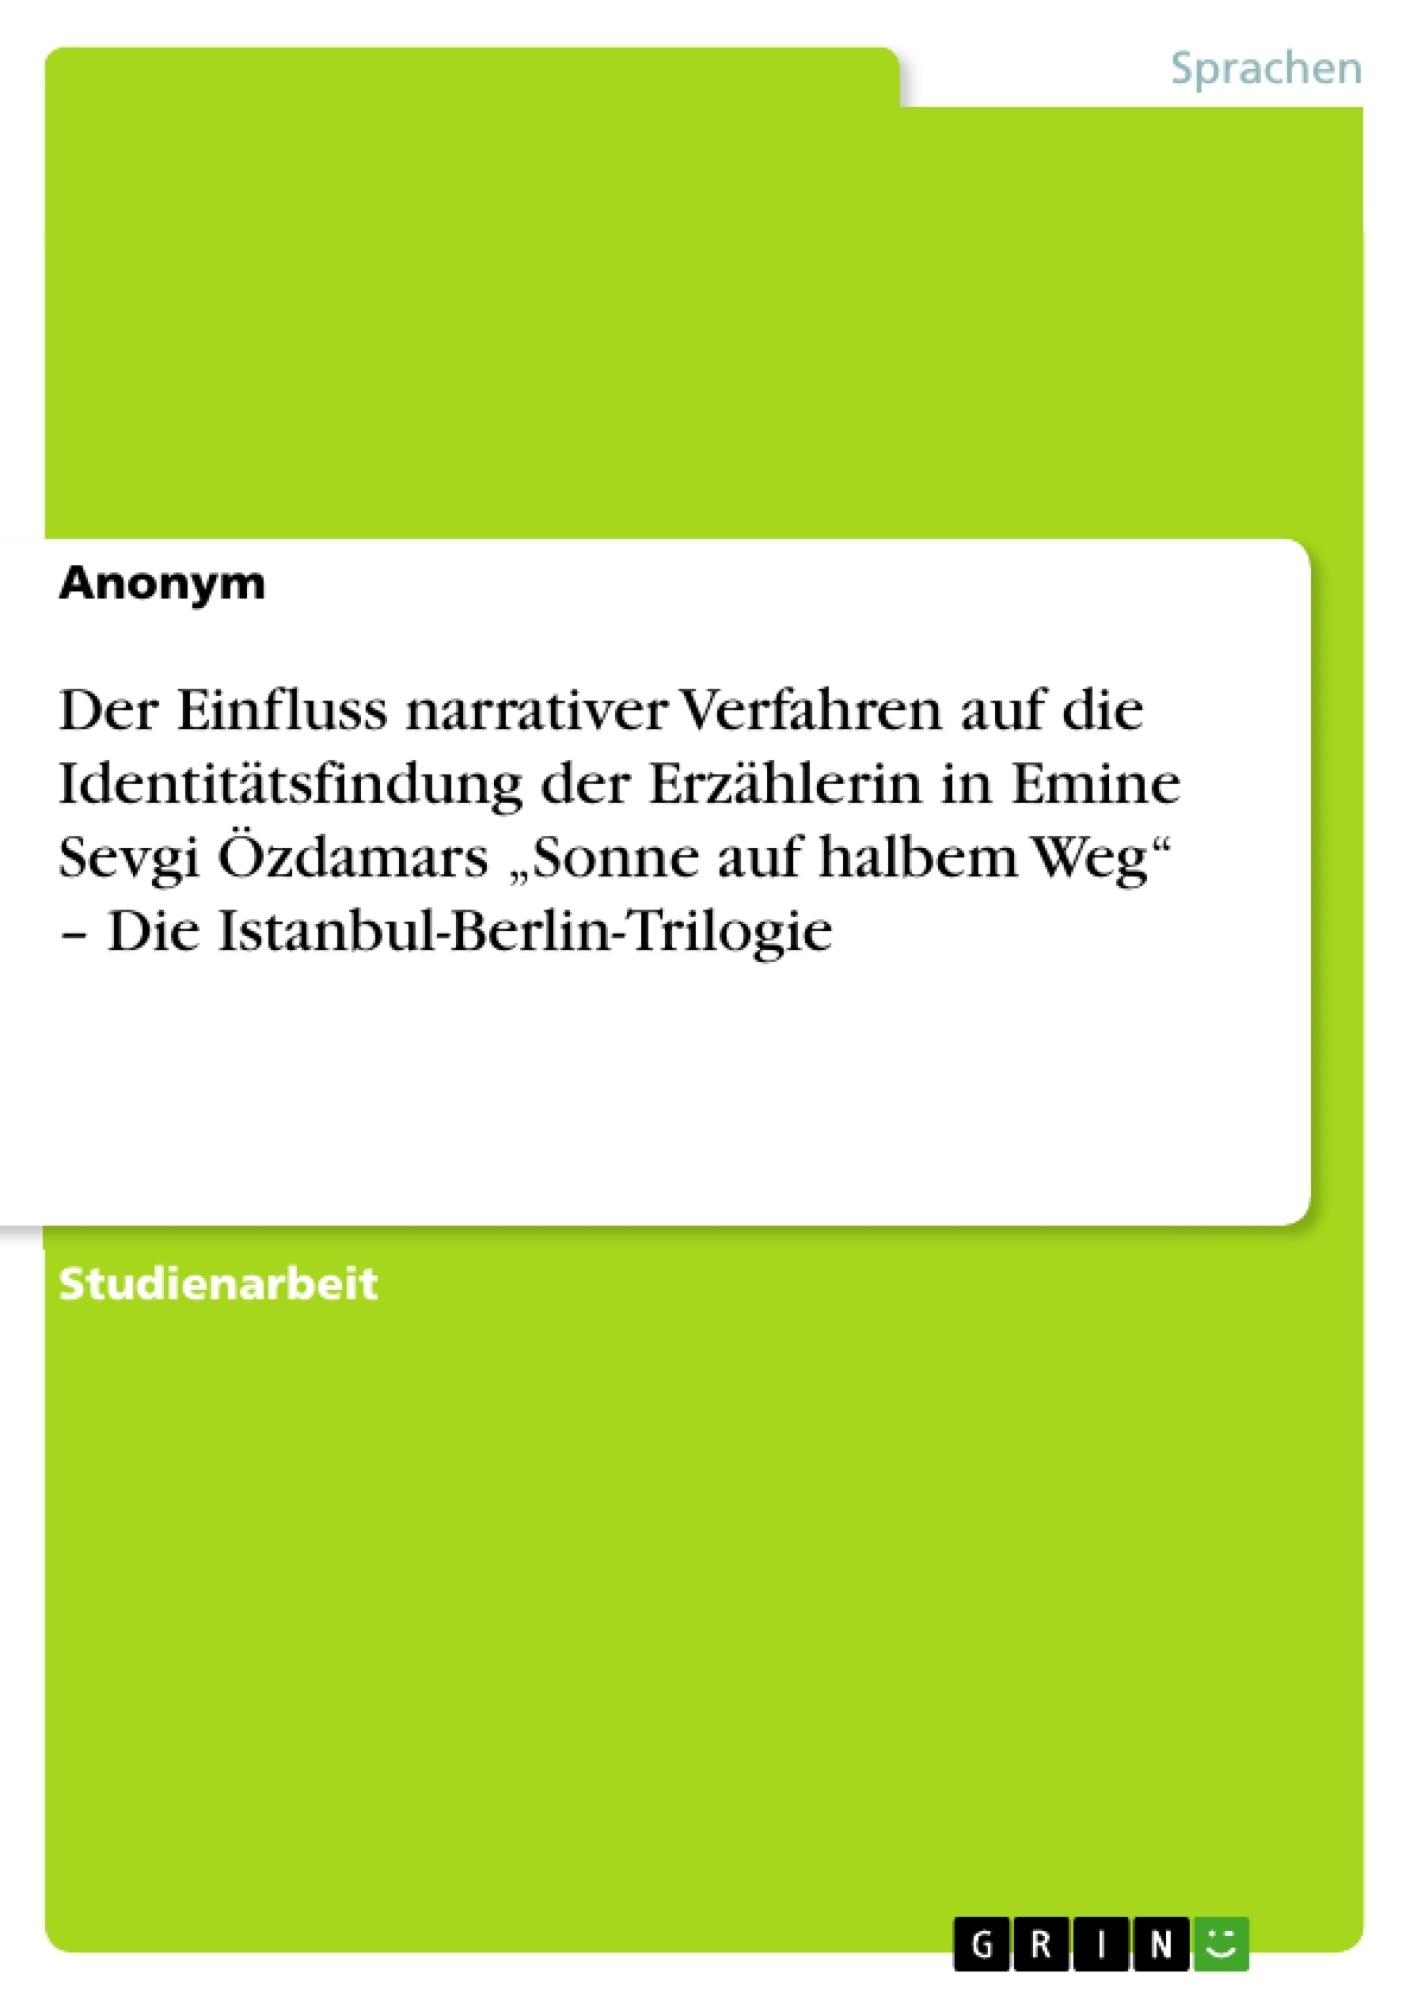 """Titel: Der Einfluss narrativer Verfahren auf die Identitätsfindung der Erzählerin in Emine Sevgi Özdamars """"Sonne auf halbem Weg"""" – Die Istanbul-Berlin-Trilogie"""